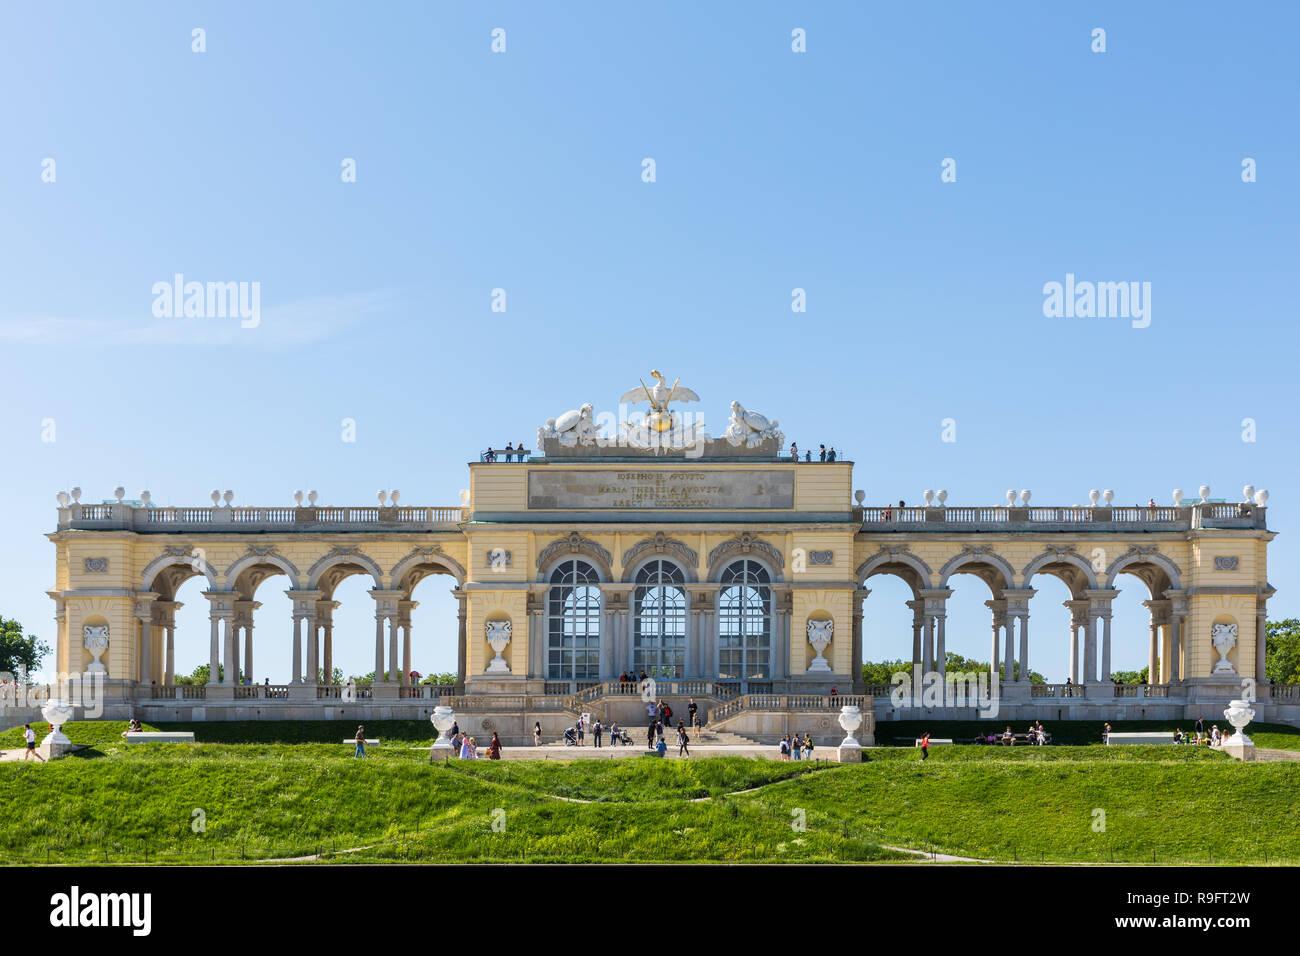 Schönbrunn Palace con los jardines con la fuente de Neptuno y el Glorietter fue la principal residencia de verano de los Habsburgo, gobernantes, se encuentra i Foto de stock